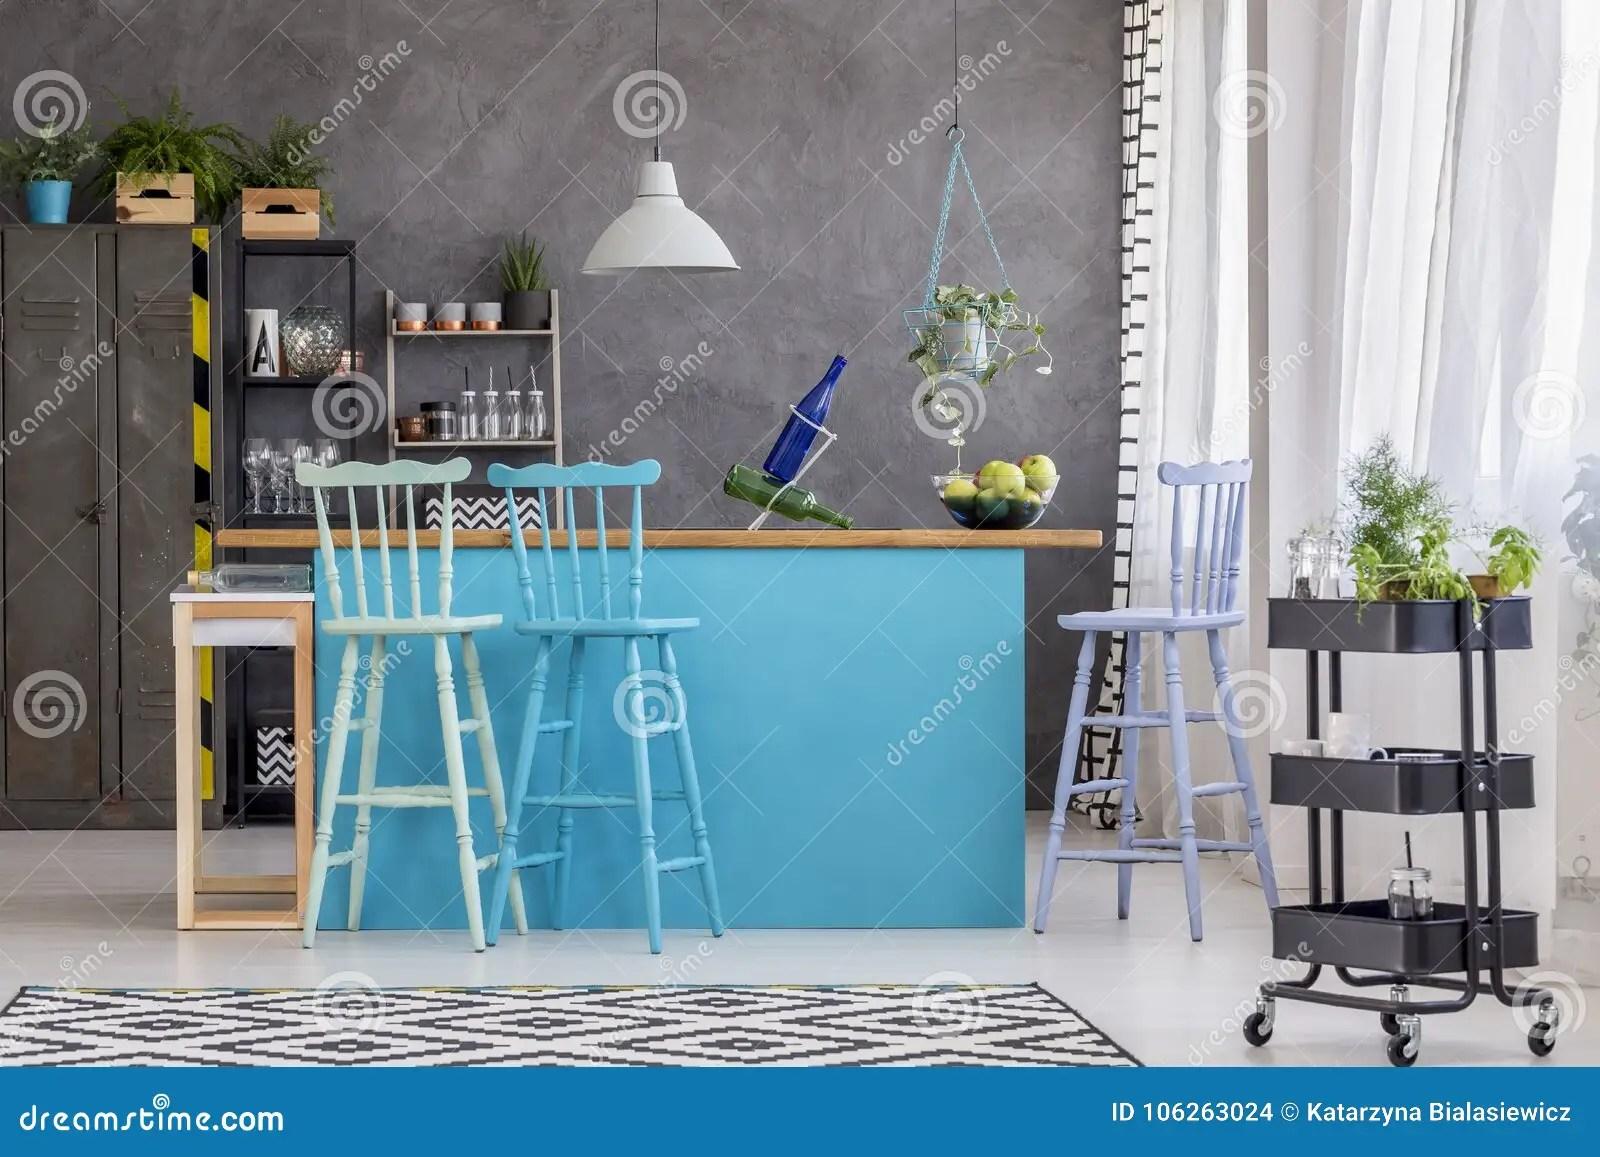 blue kitchen rugs high chairs 凳子和蓝色厨房库存照片 图片包括有具体 凳子 内部 空间 地毯 墙壁 凳子和蓝色厨房